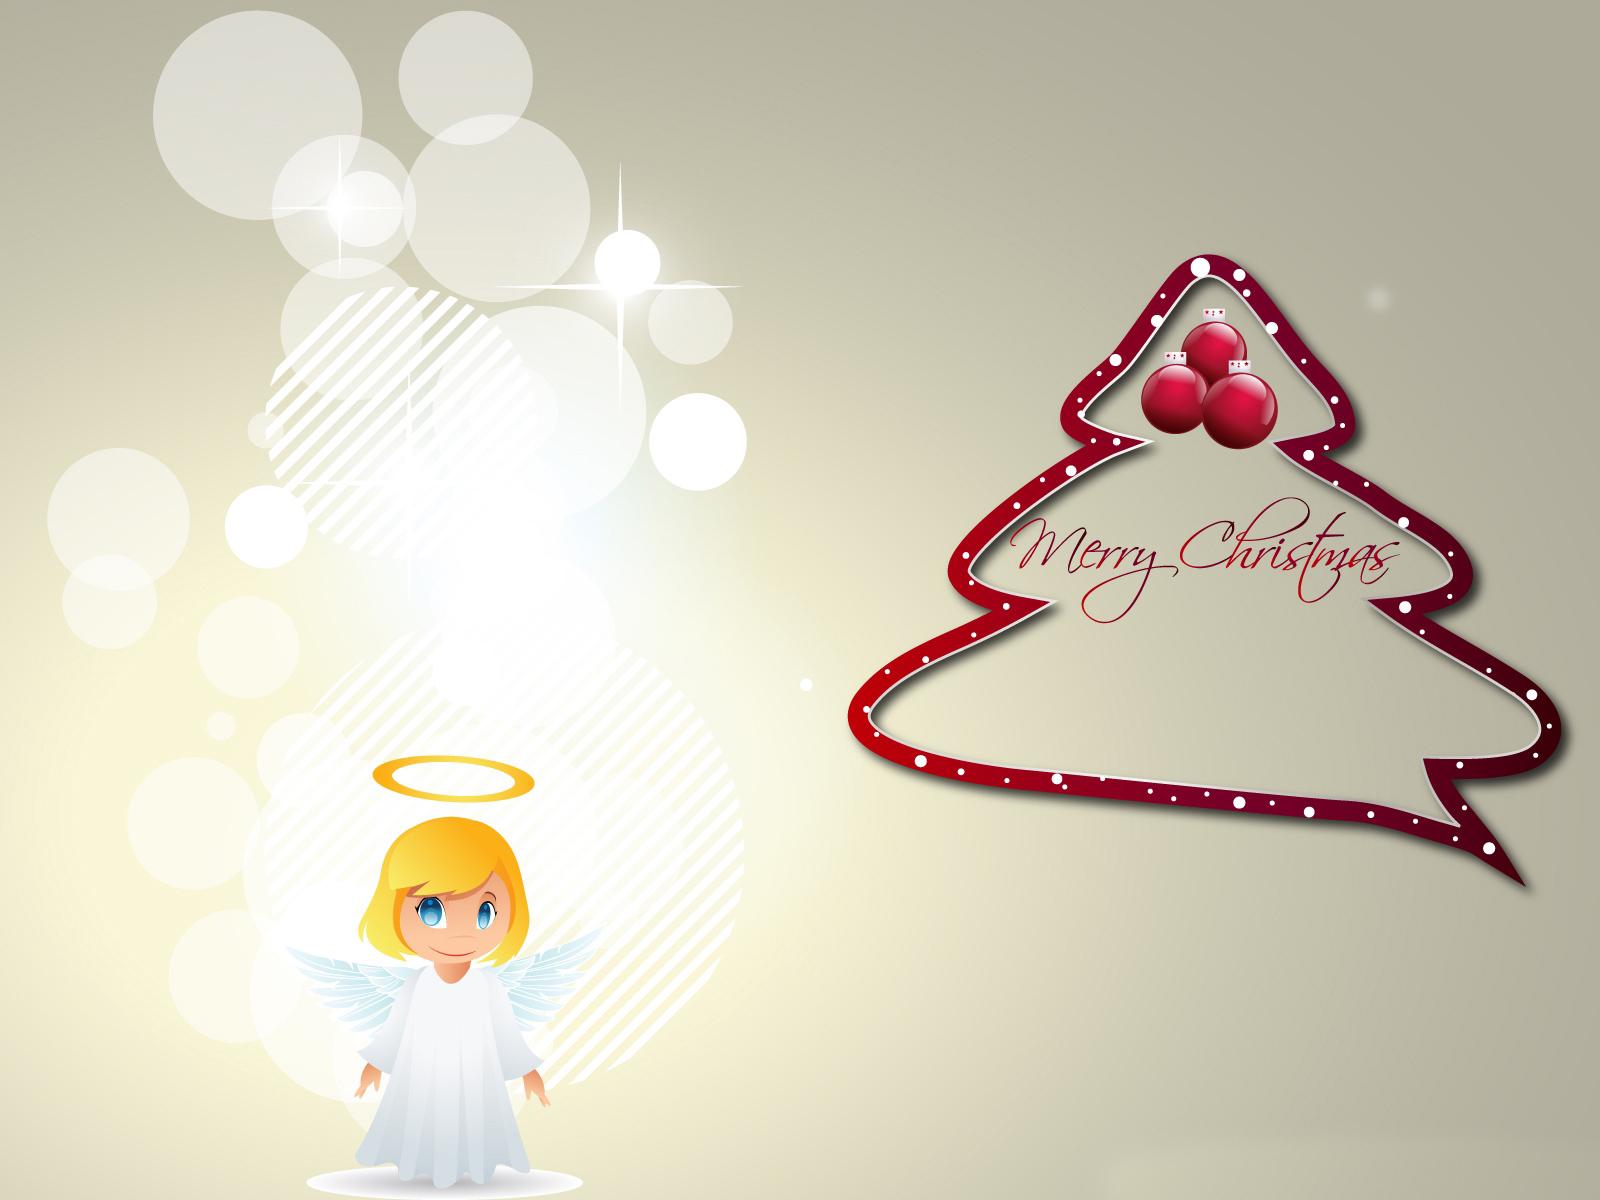 Merry Christmas Angel computer desktop wallpapers pictures 1600x1200